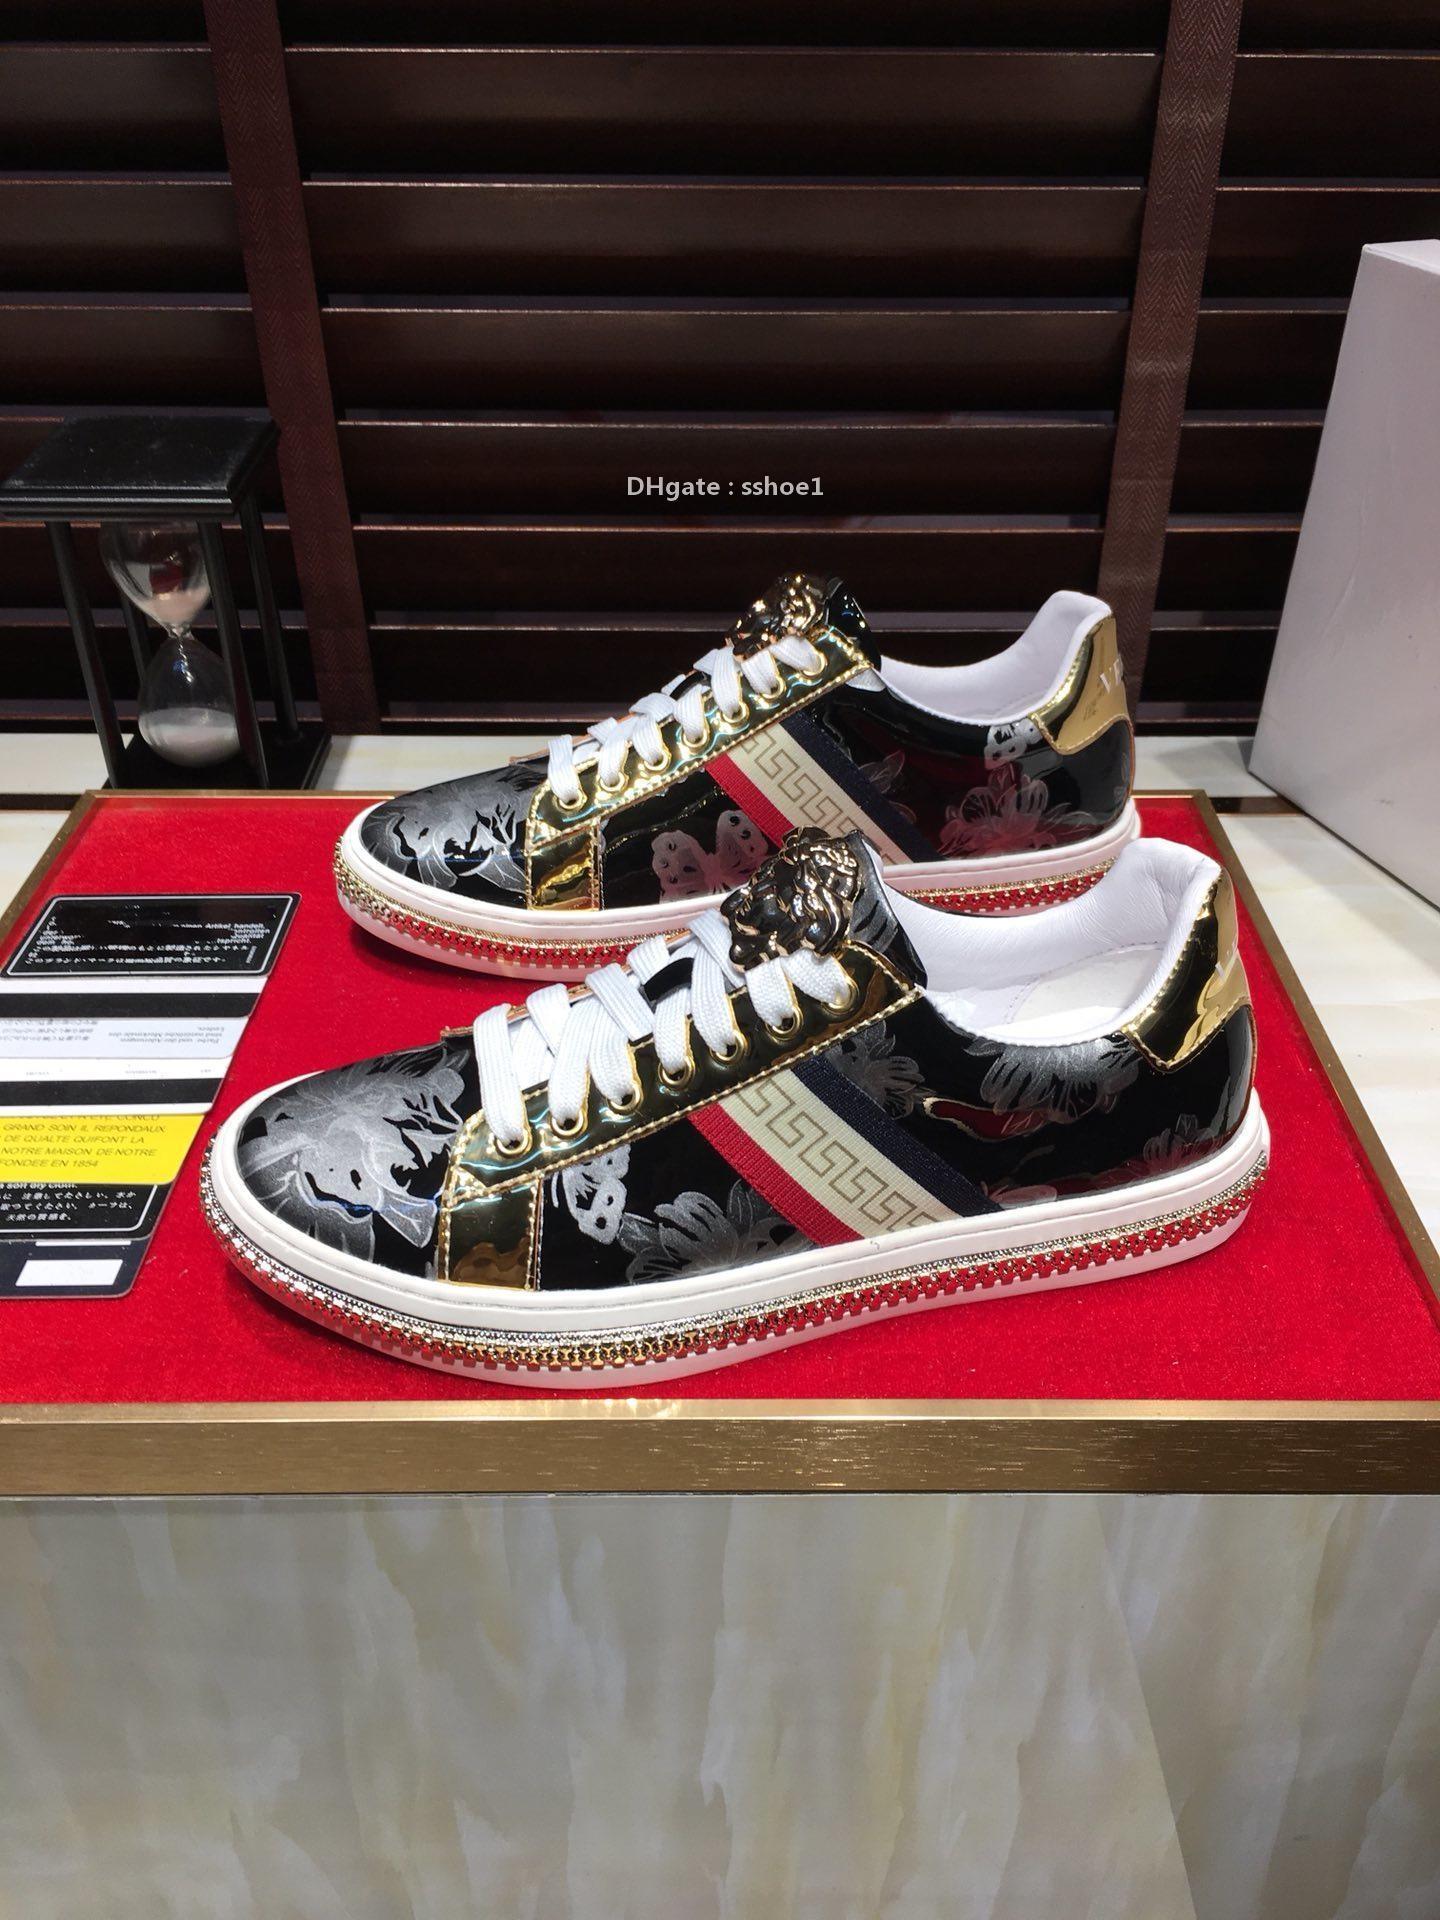 2021-2020 Nuovo cuoio genuino degli uomini '; Scarpe sportive S Large Size di modo selvaggio Lace-Up scarpe da tennis bassa -Top comode scarpe traspiranti Tide